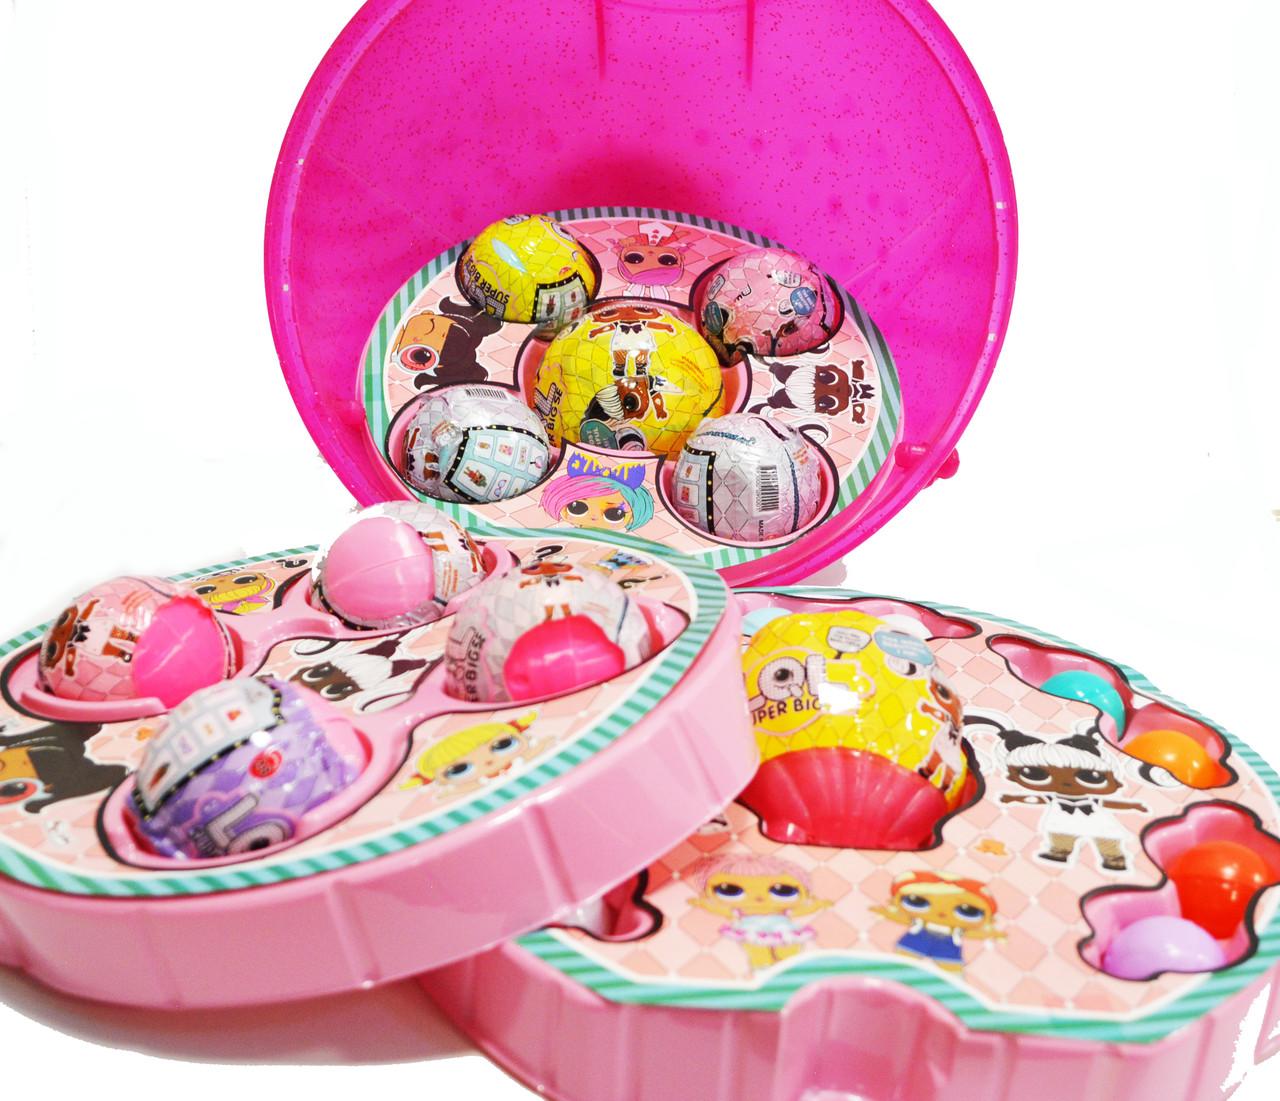 Большой шар сюрприз Big Lol Surprise кукла лол и аксессуары 45+ (series 38) в ассортименте - фото 4